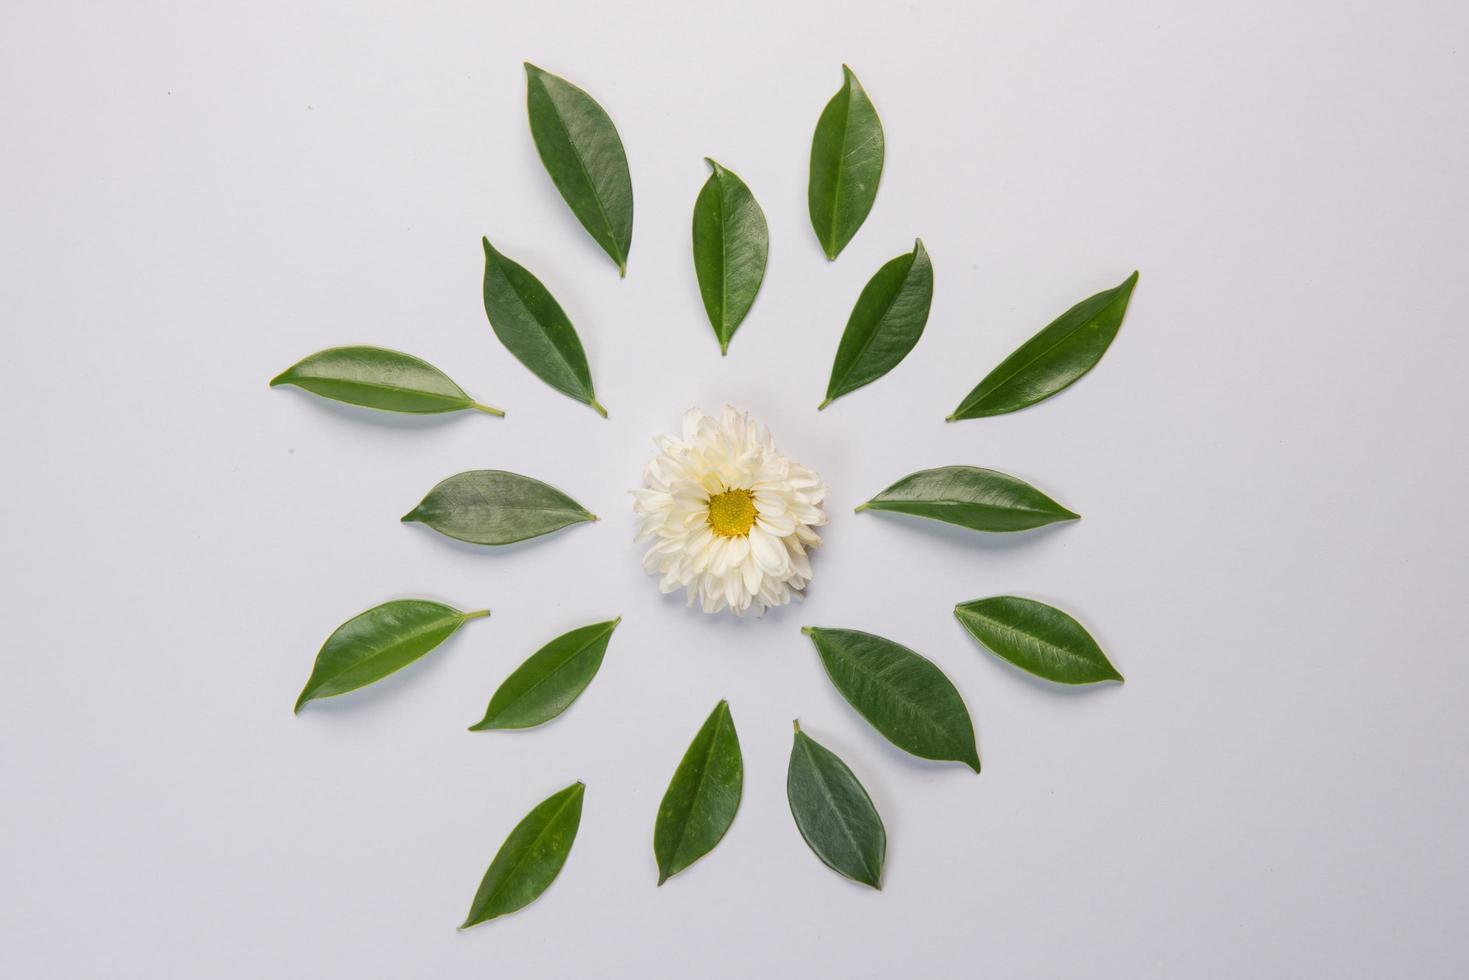 fleur et feuilles sur fond blanc photo